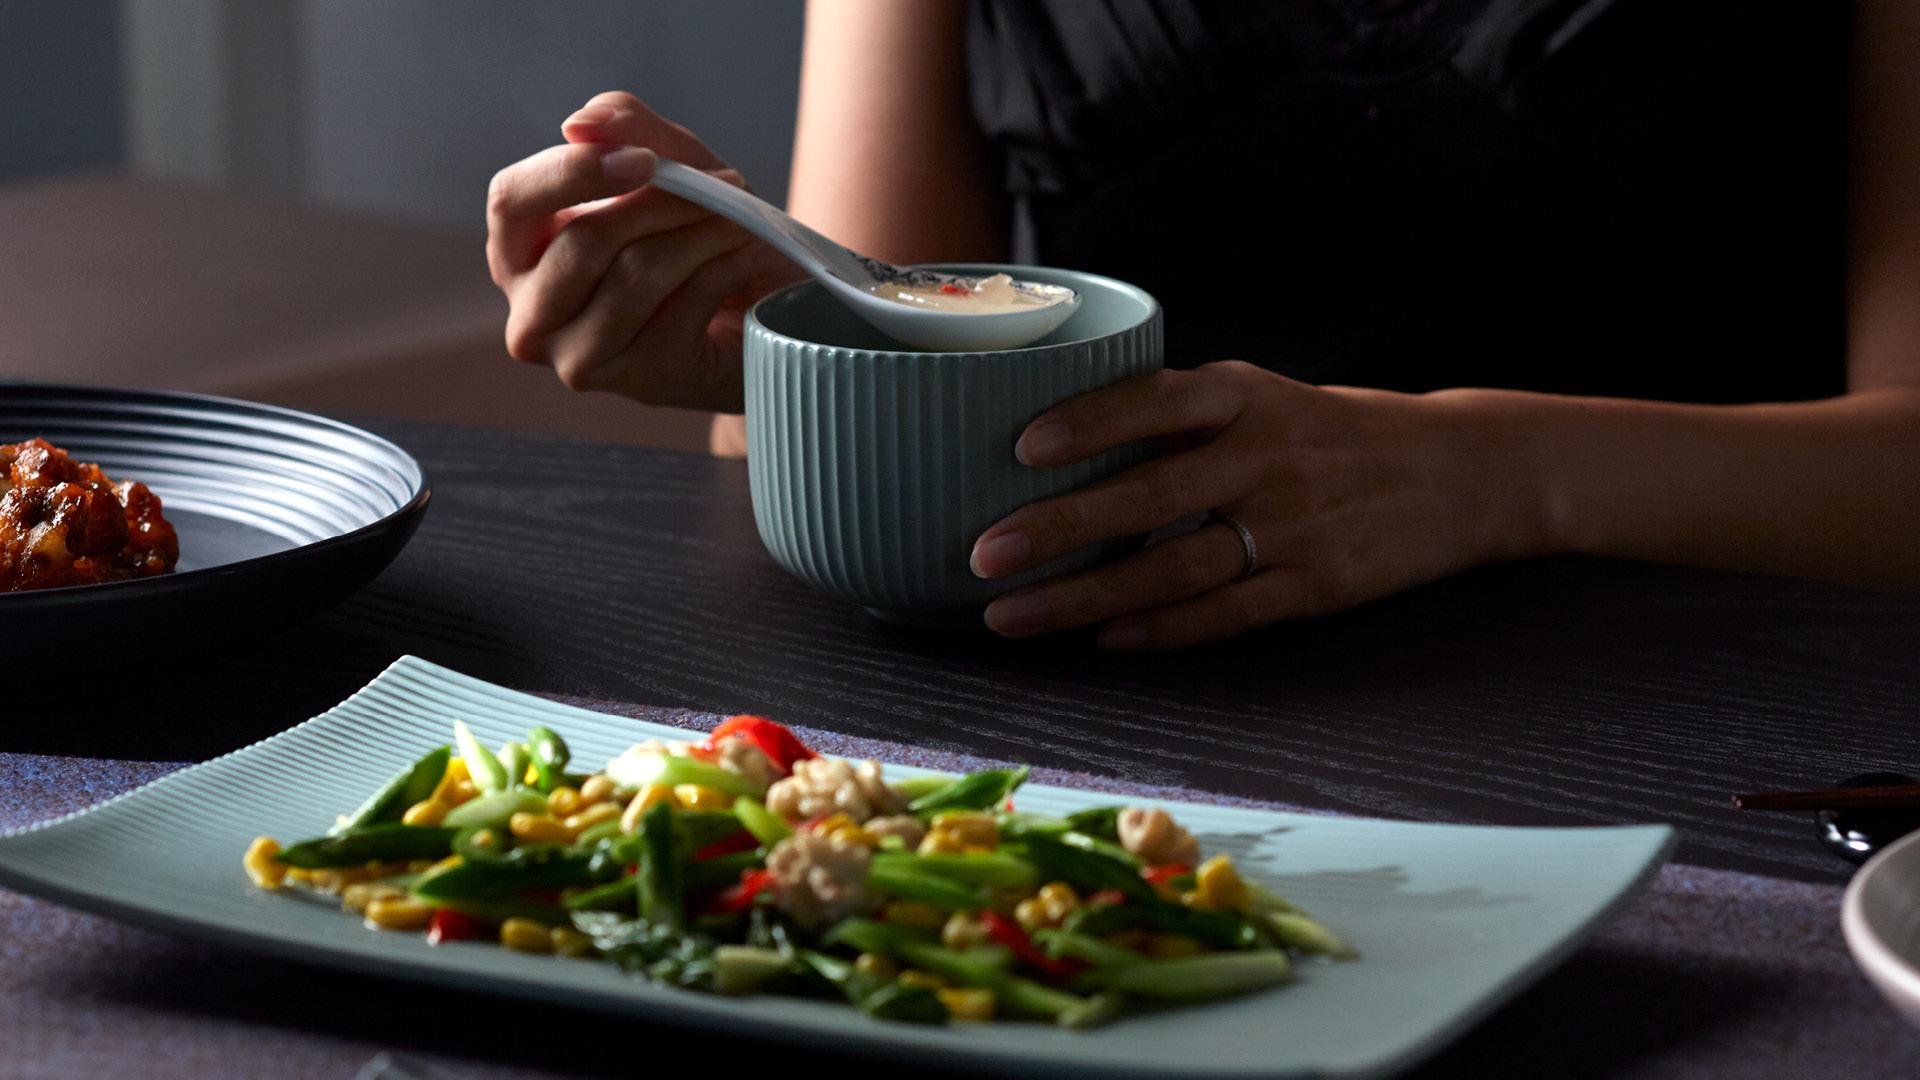 晌午一人食,将温度保留刚好